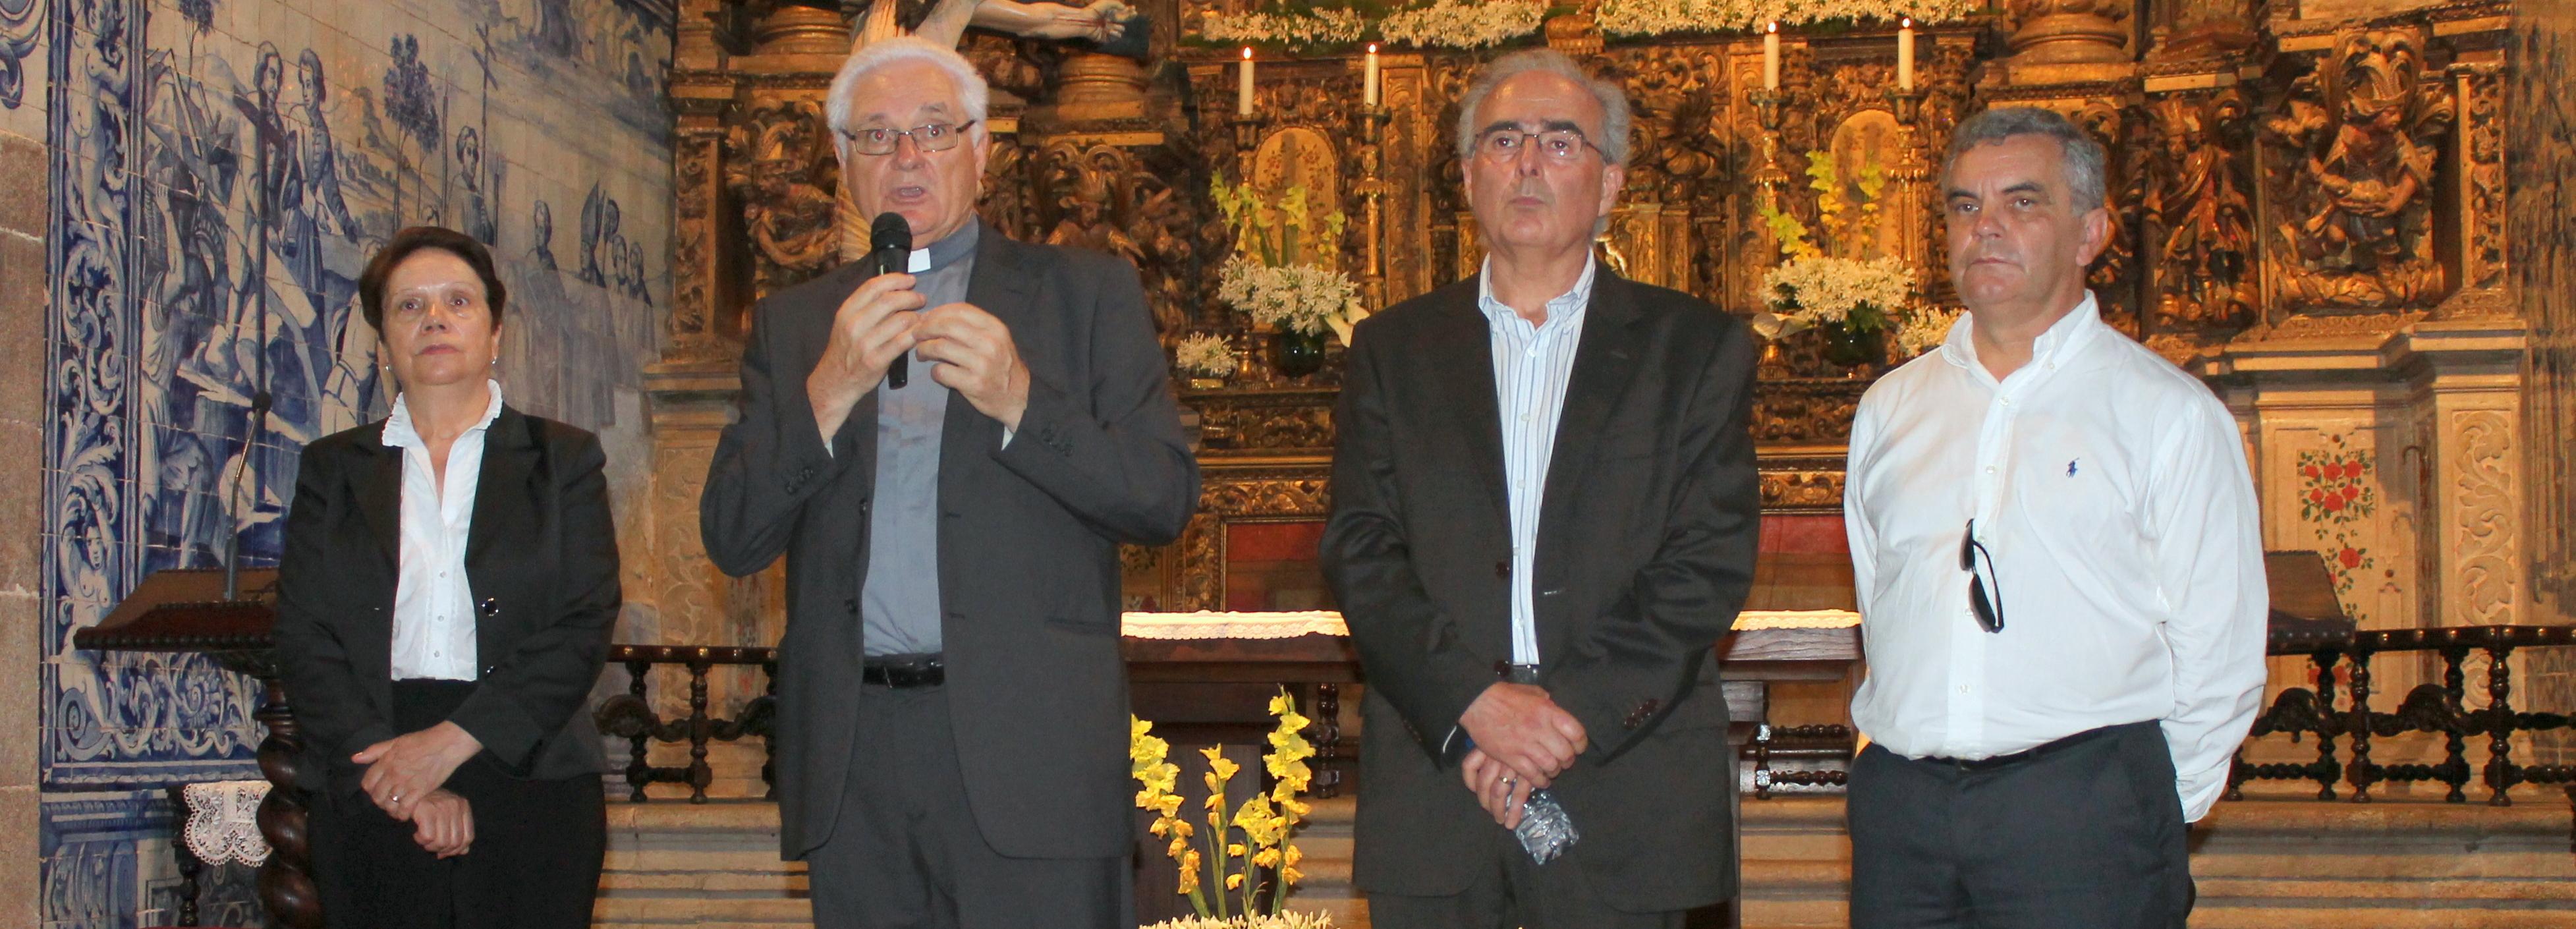 Comemorações dos 300 anos da igreja de Nossa Senhora do Terço encerram com inauguração do restauro do Púlpito de Dossel